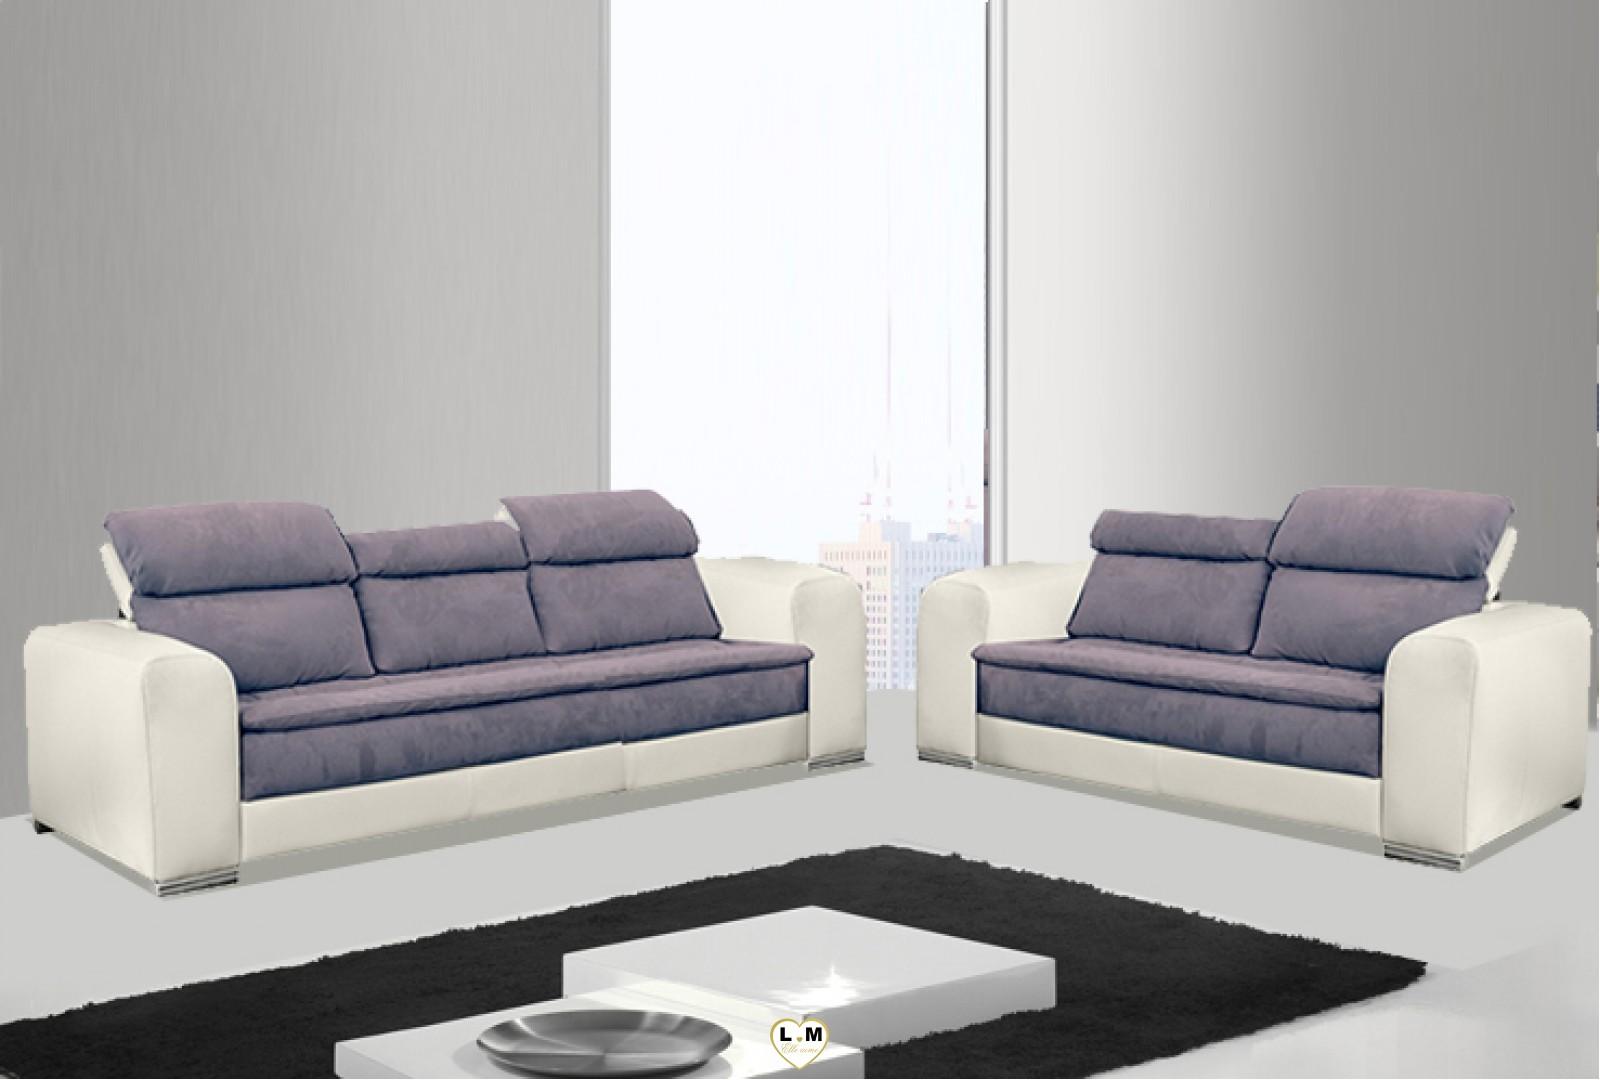 candie ensemble salon cuir lignemeuble com. Black Bedroom Furniture Sets. Home Design Ideas